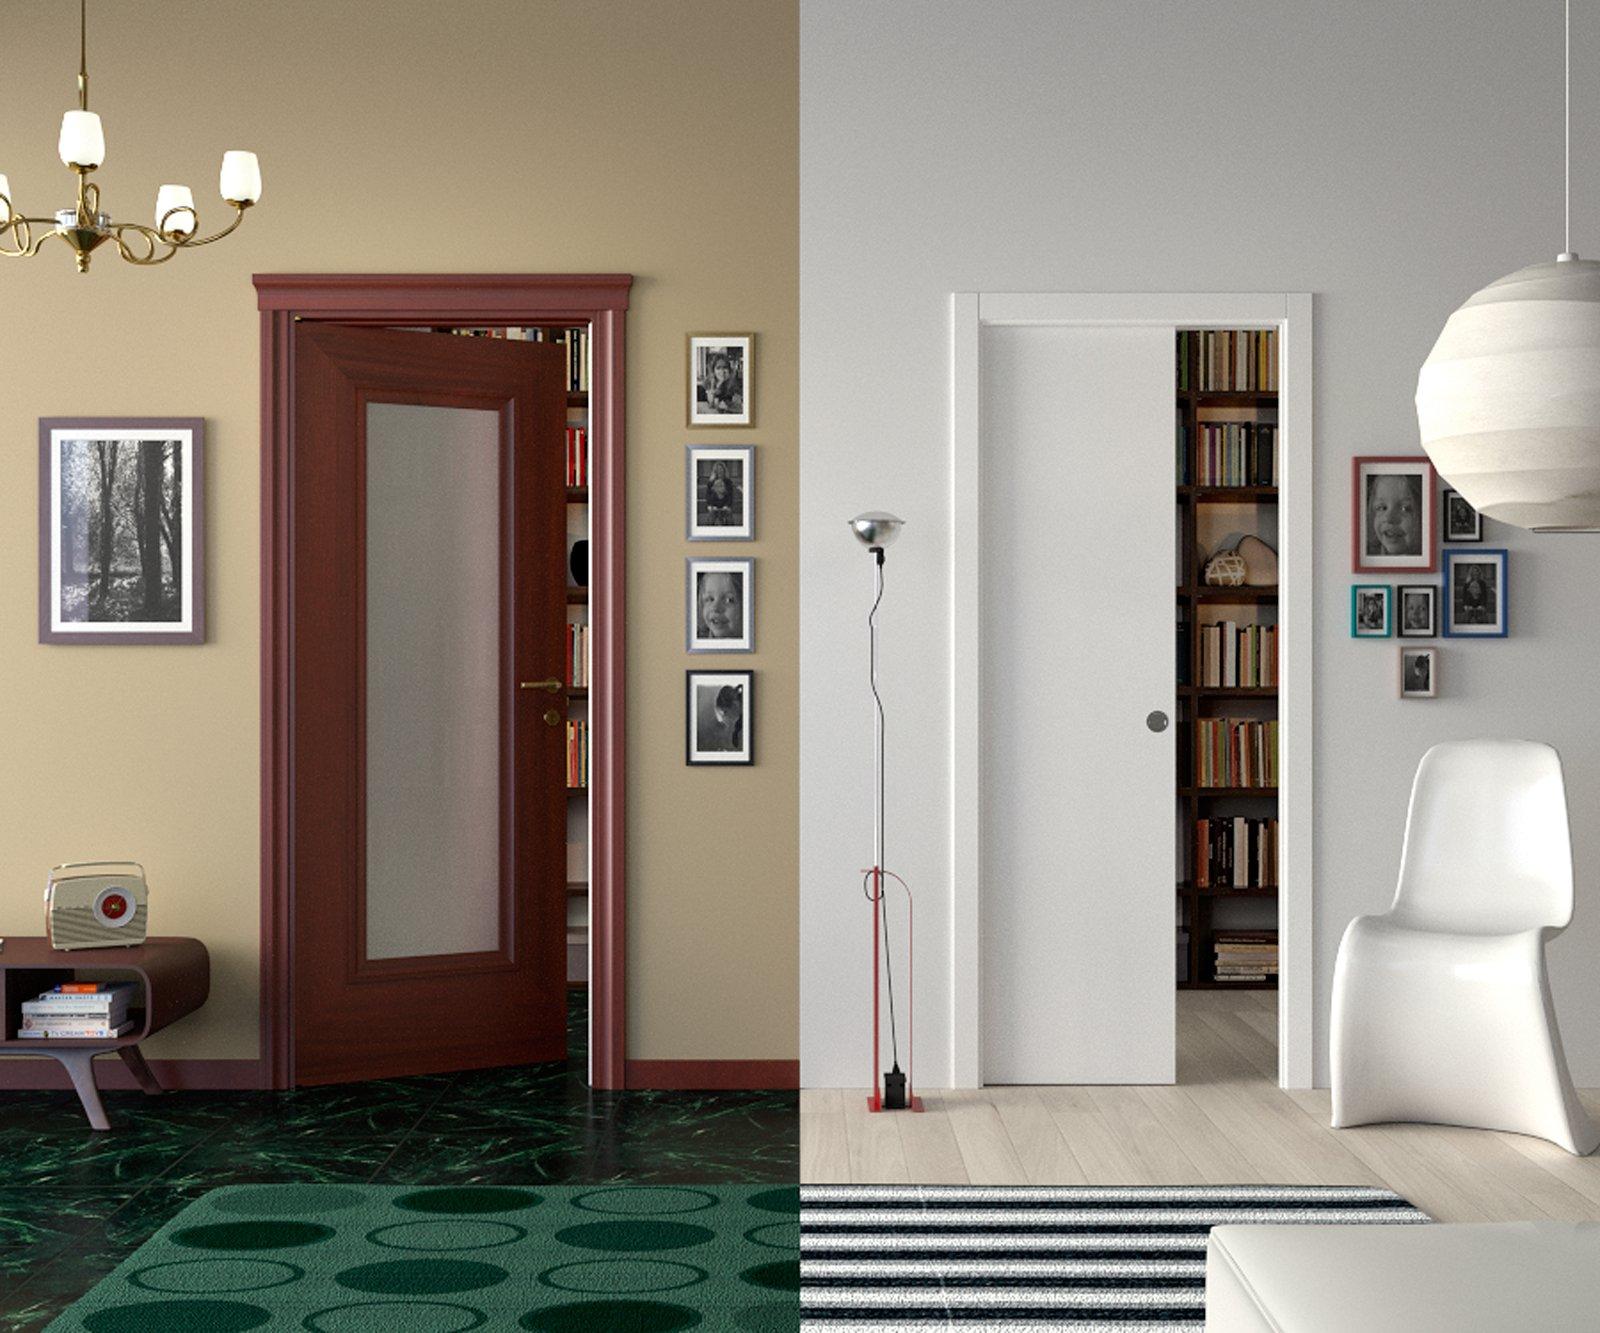 Sfruttare bene lo spazio con porte e contenitori a scomparsa cose di casa - Tenda porta scorrevole ...